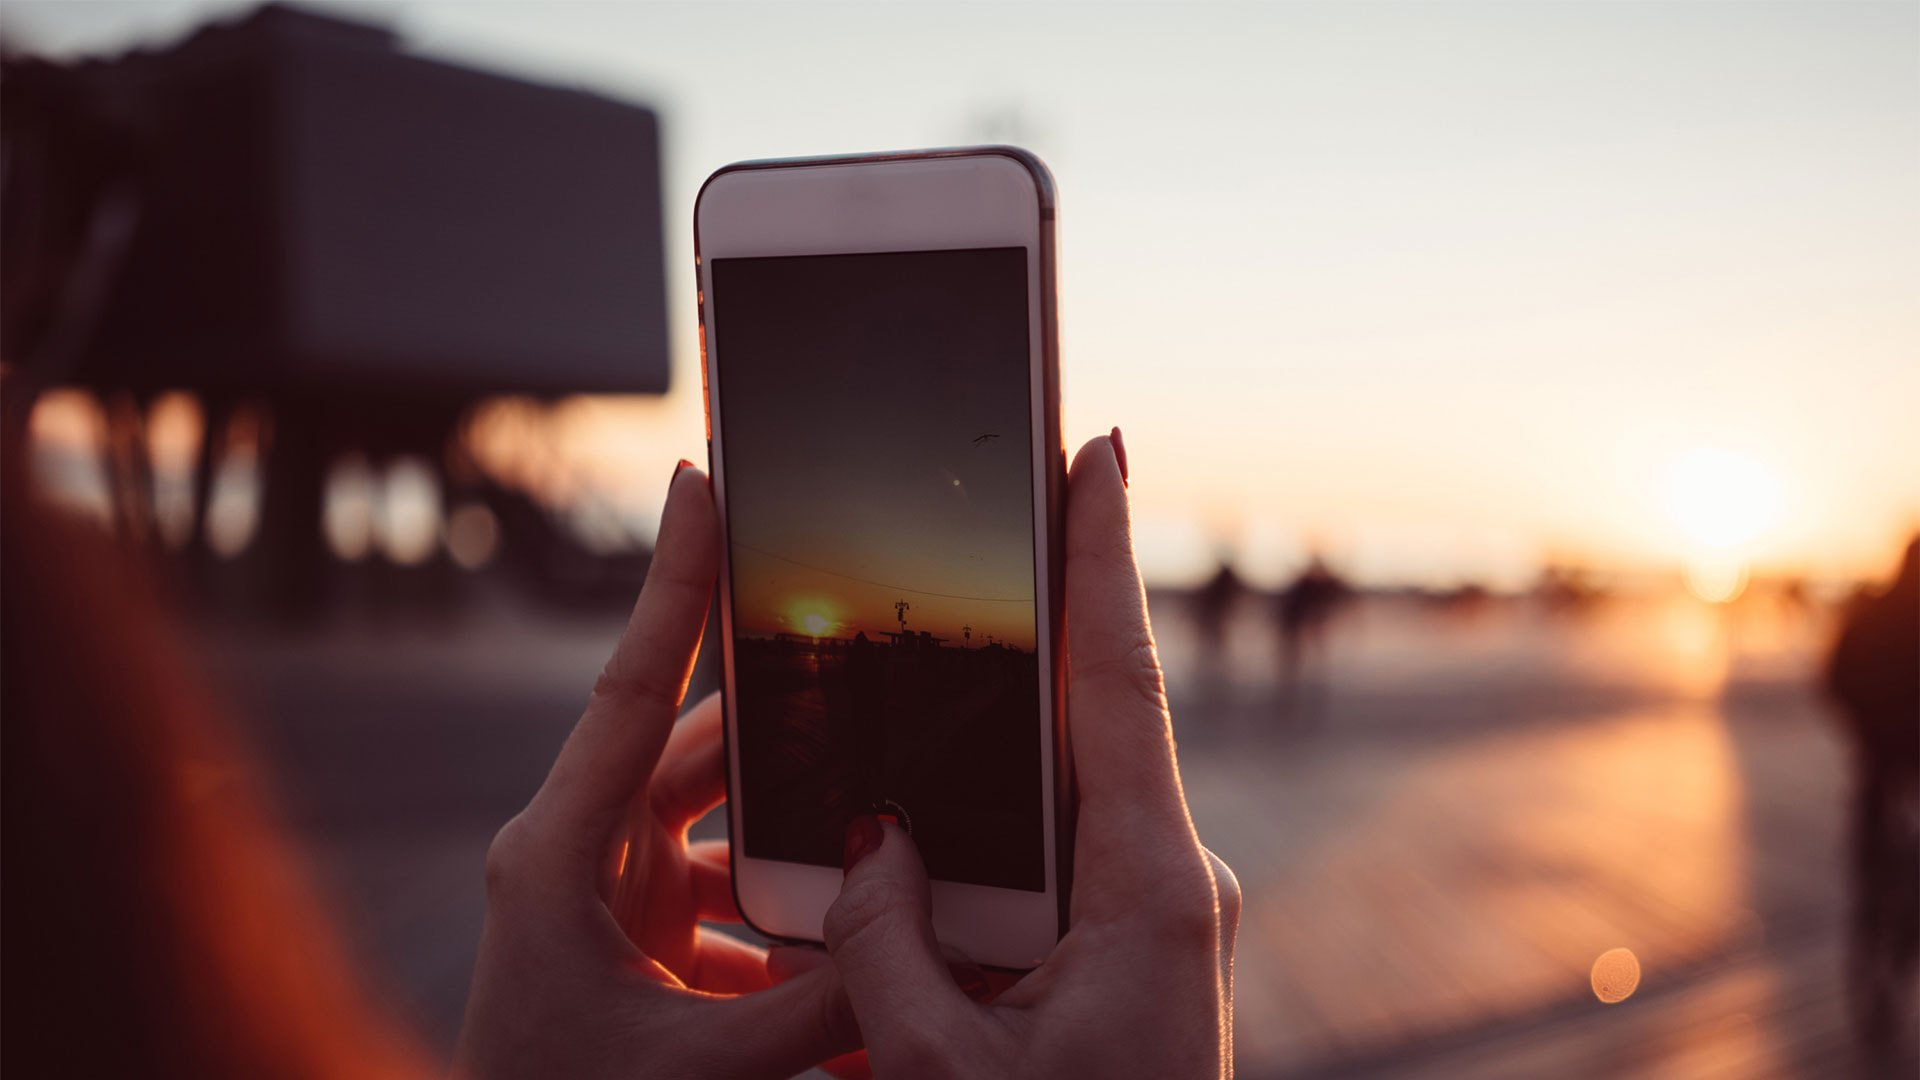 写真加工アプリCanvaの魅力とは、他社アプリと比較してみた